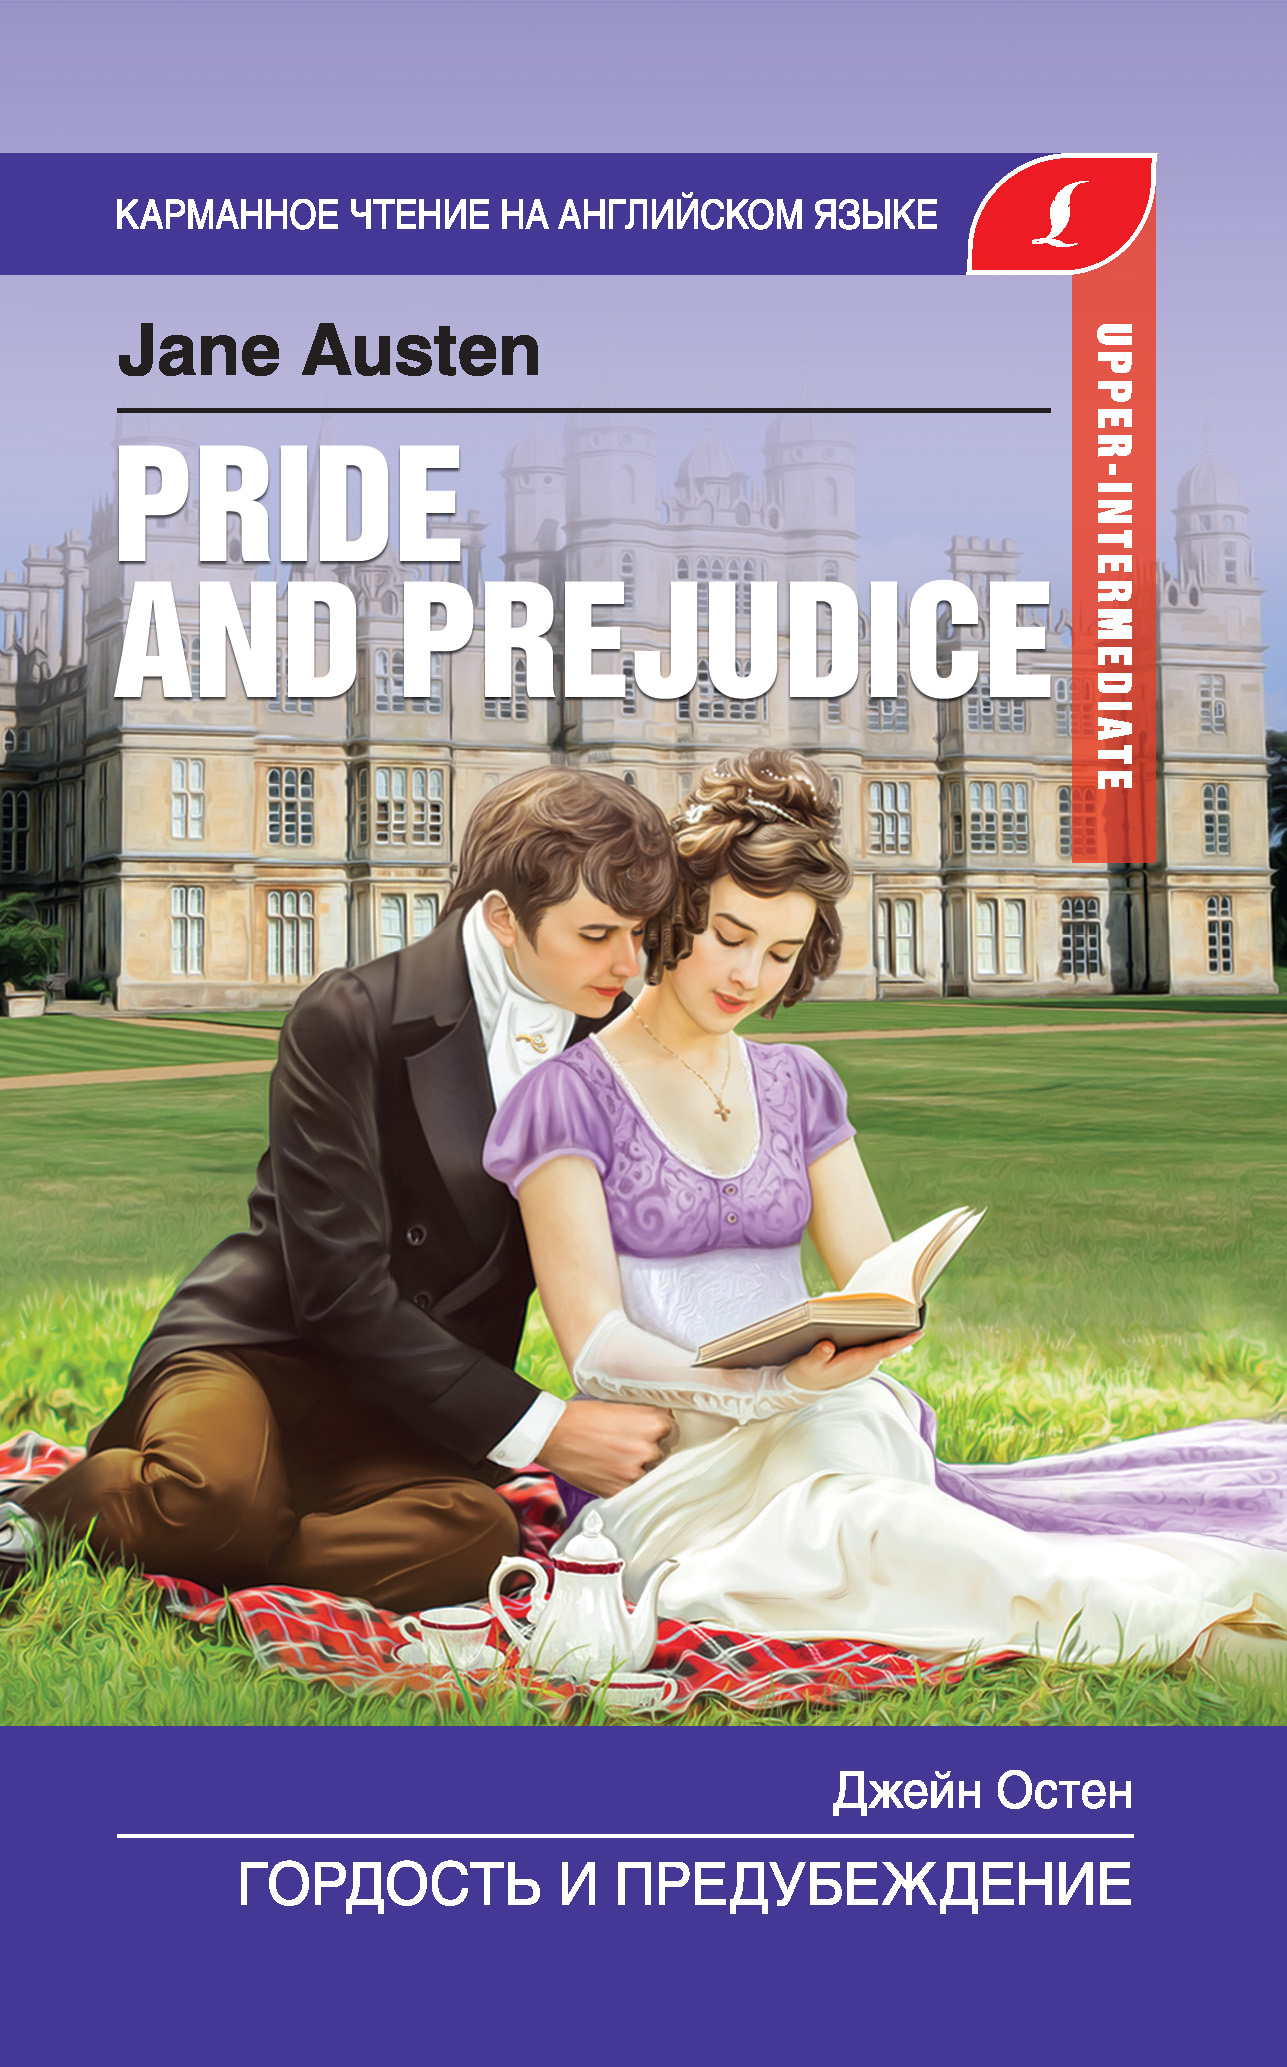 Джейн Остин Гордость и предубеждение / Pride and Prejudice остен джейн гордость и предубеждение роман